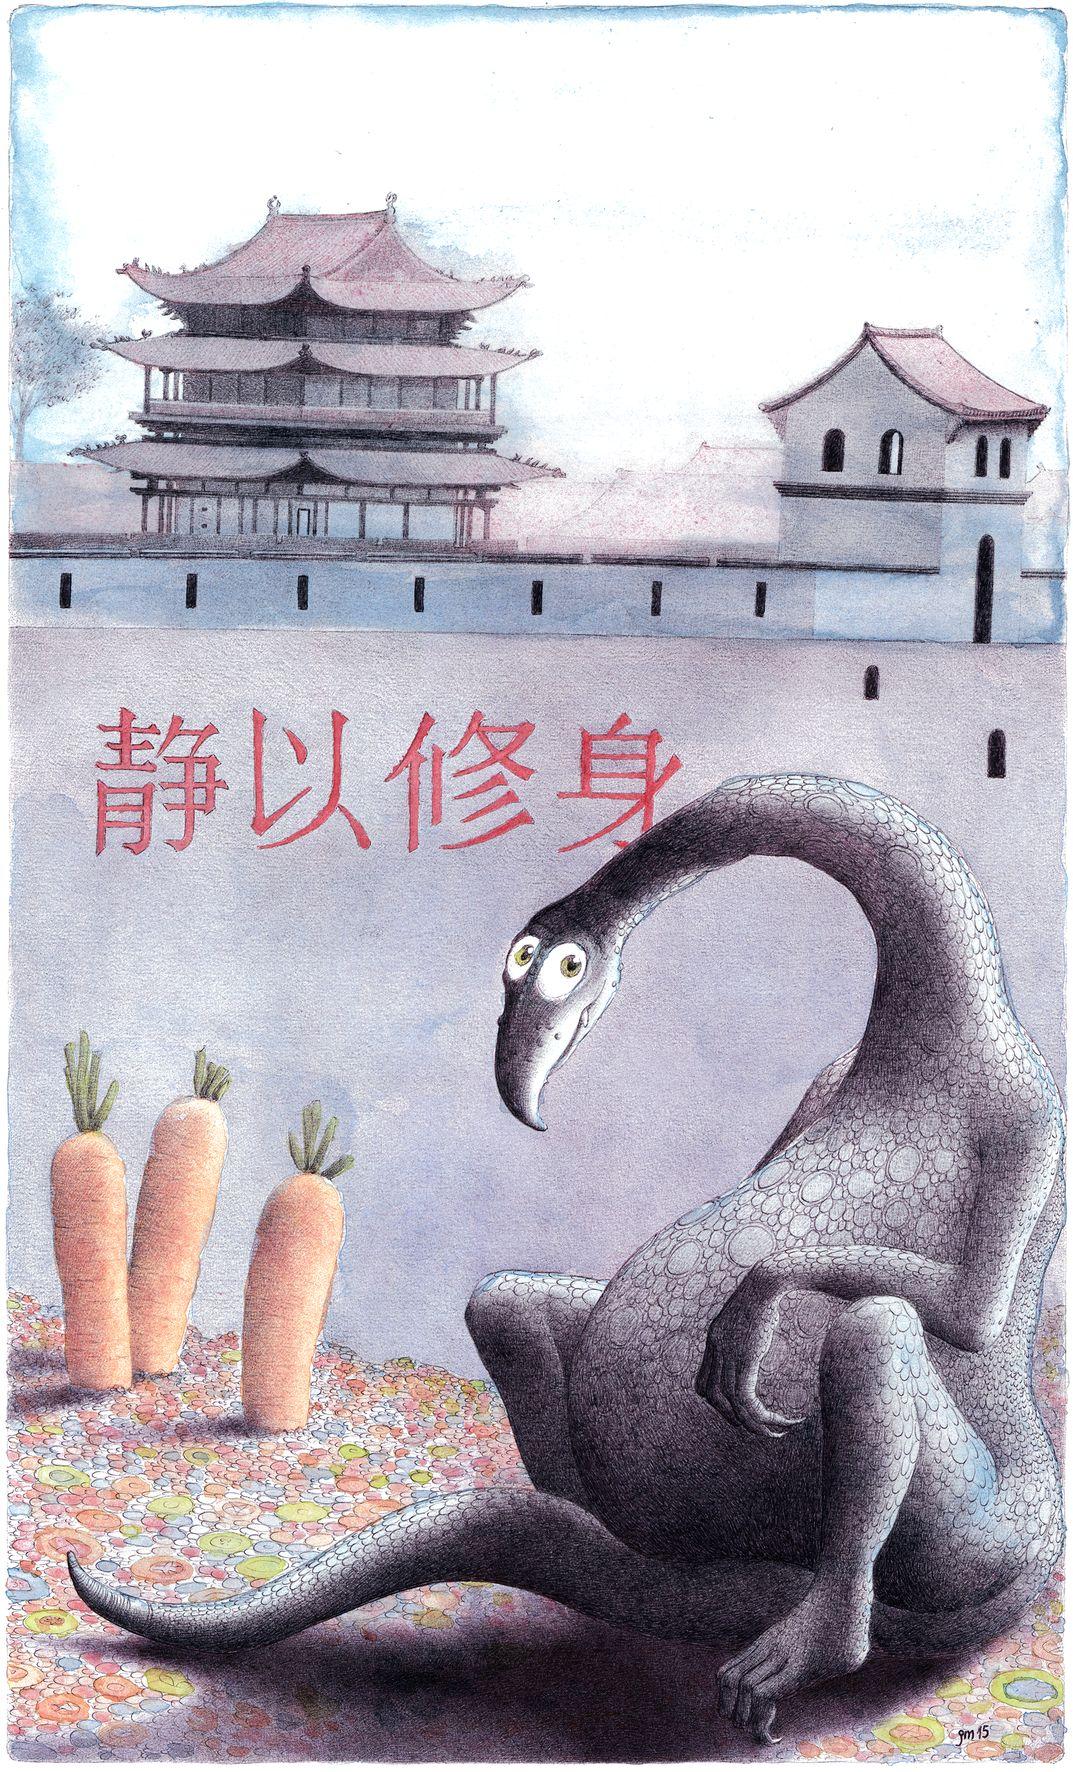 A 11 China 2